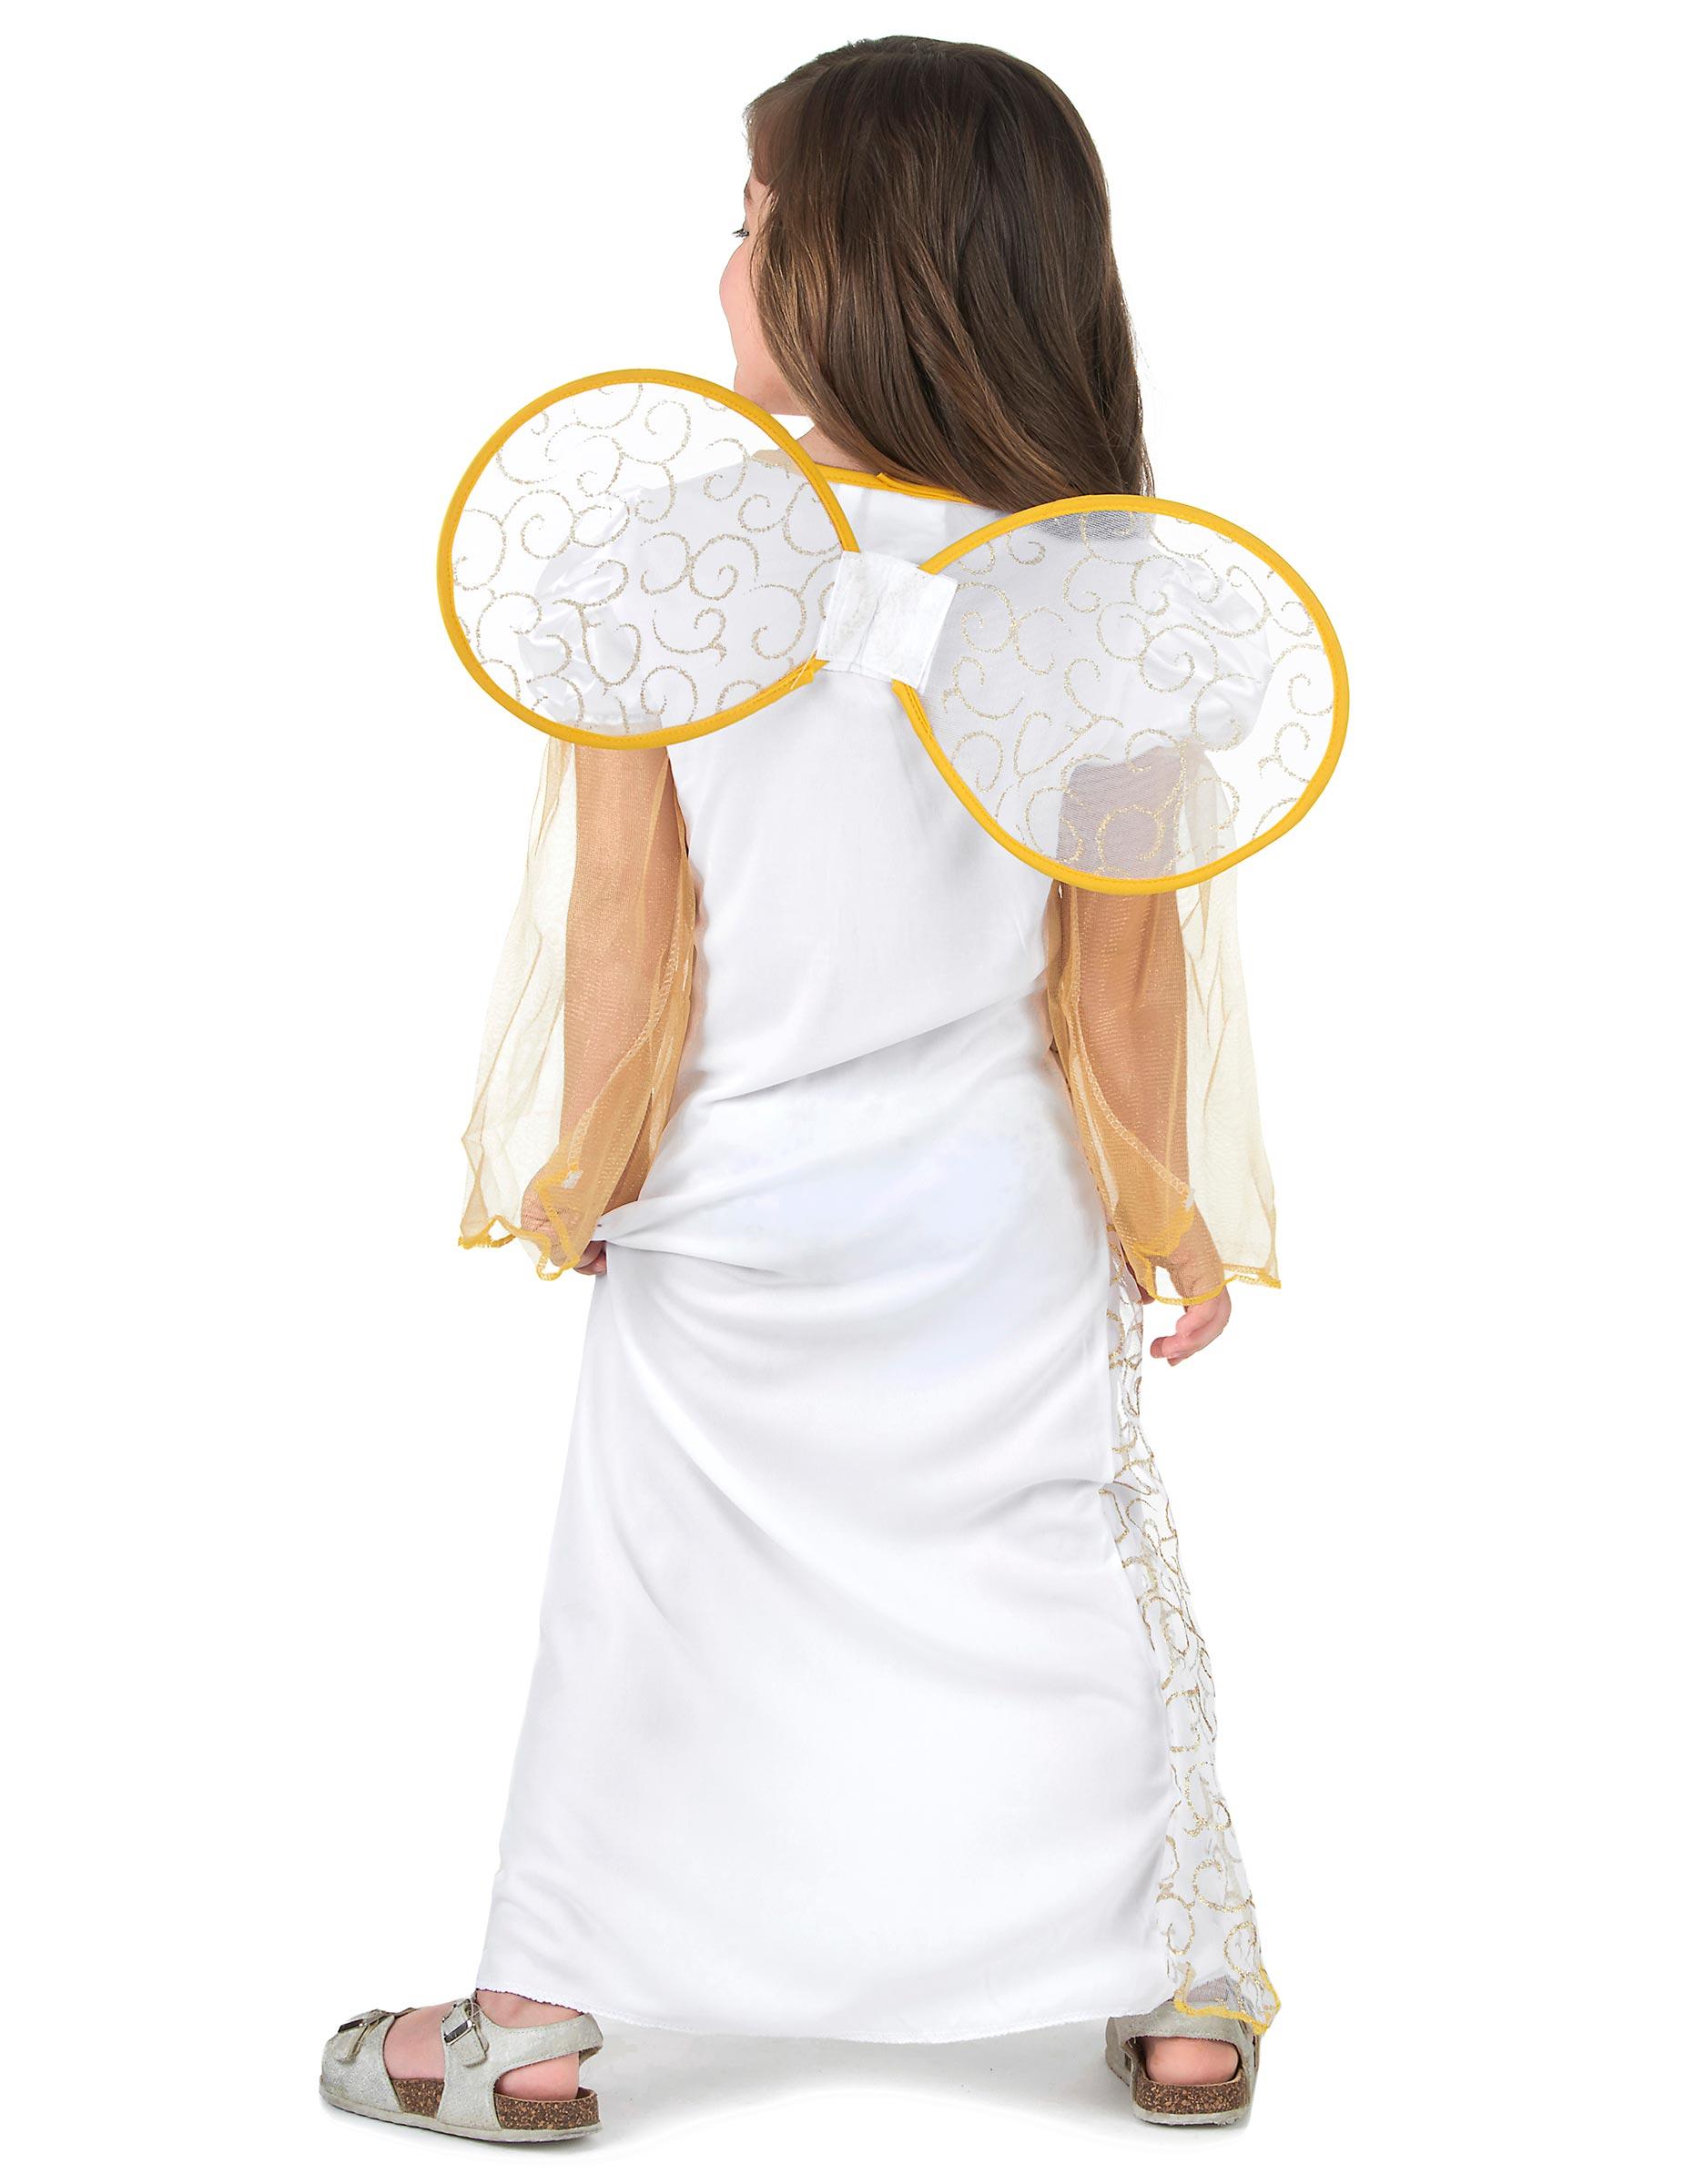 Disfraz de ngel ni a - Disfraz de angel nino ...